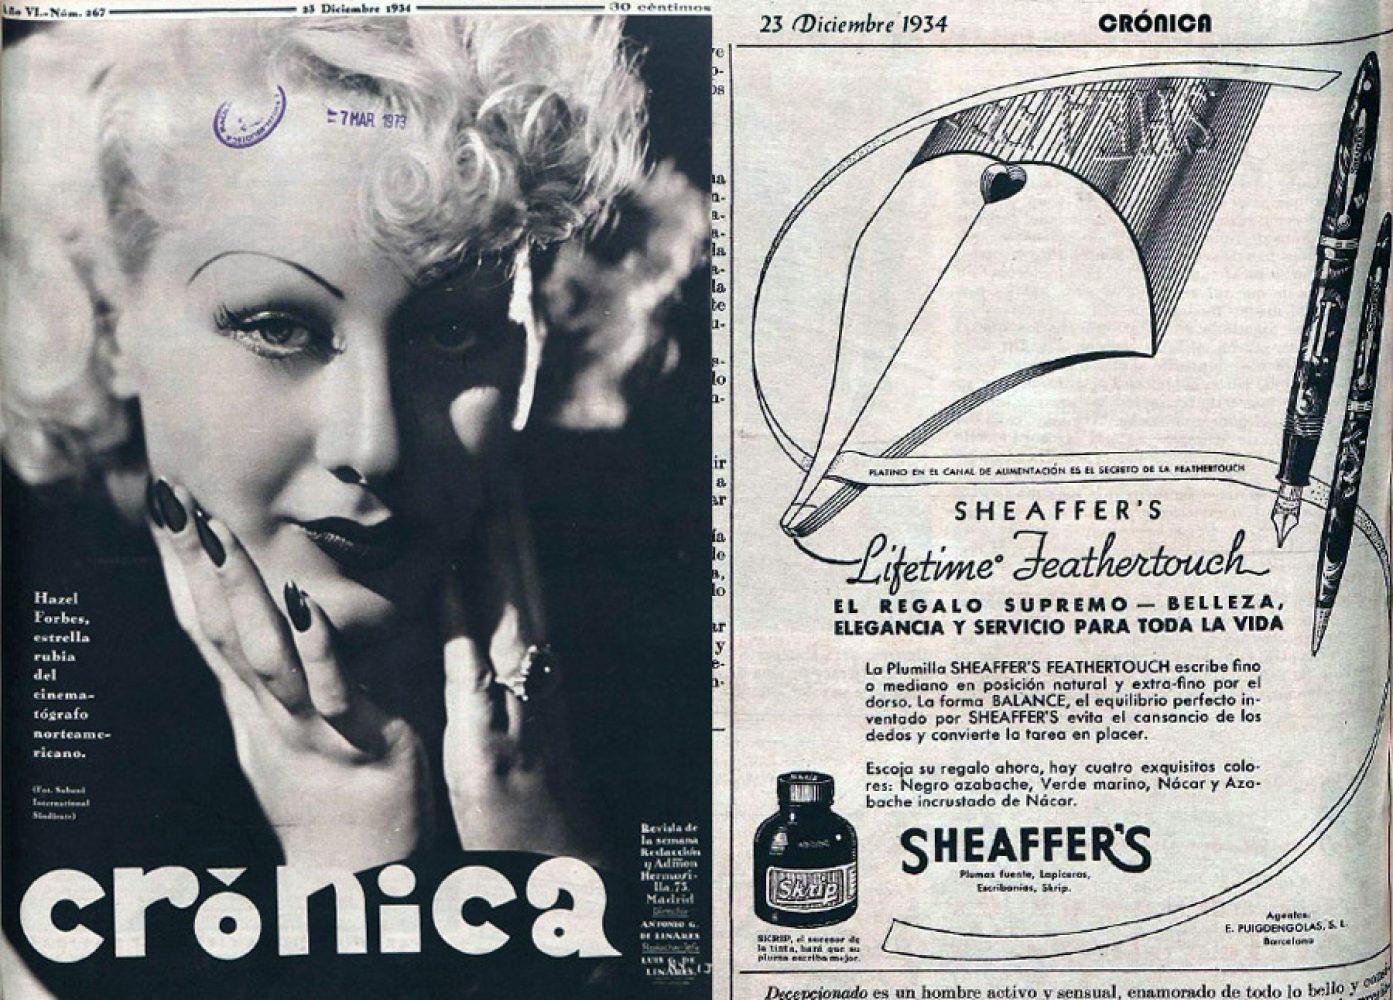 1934 12 23 Spanish ad